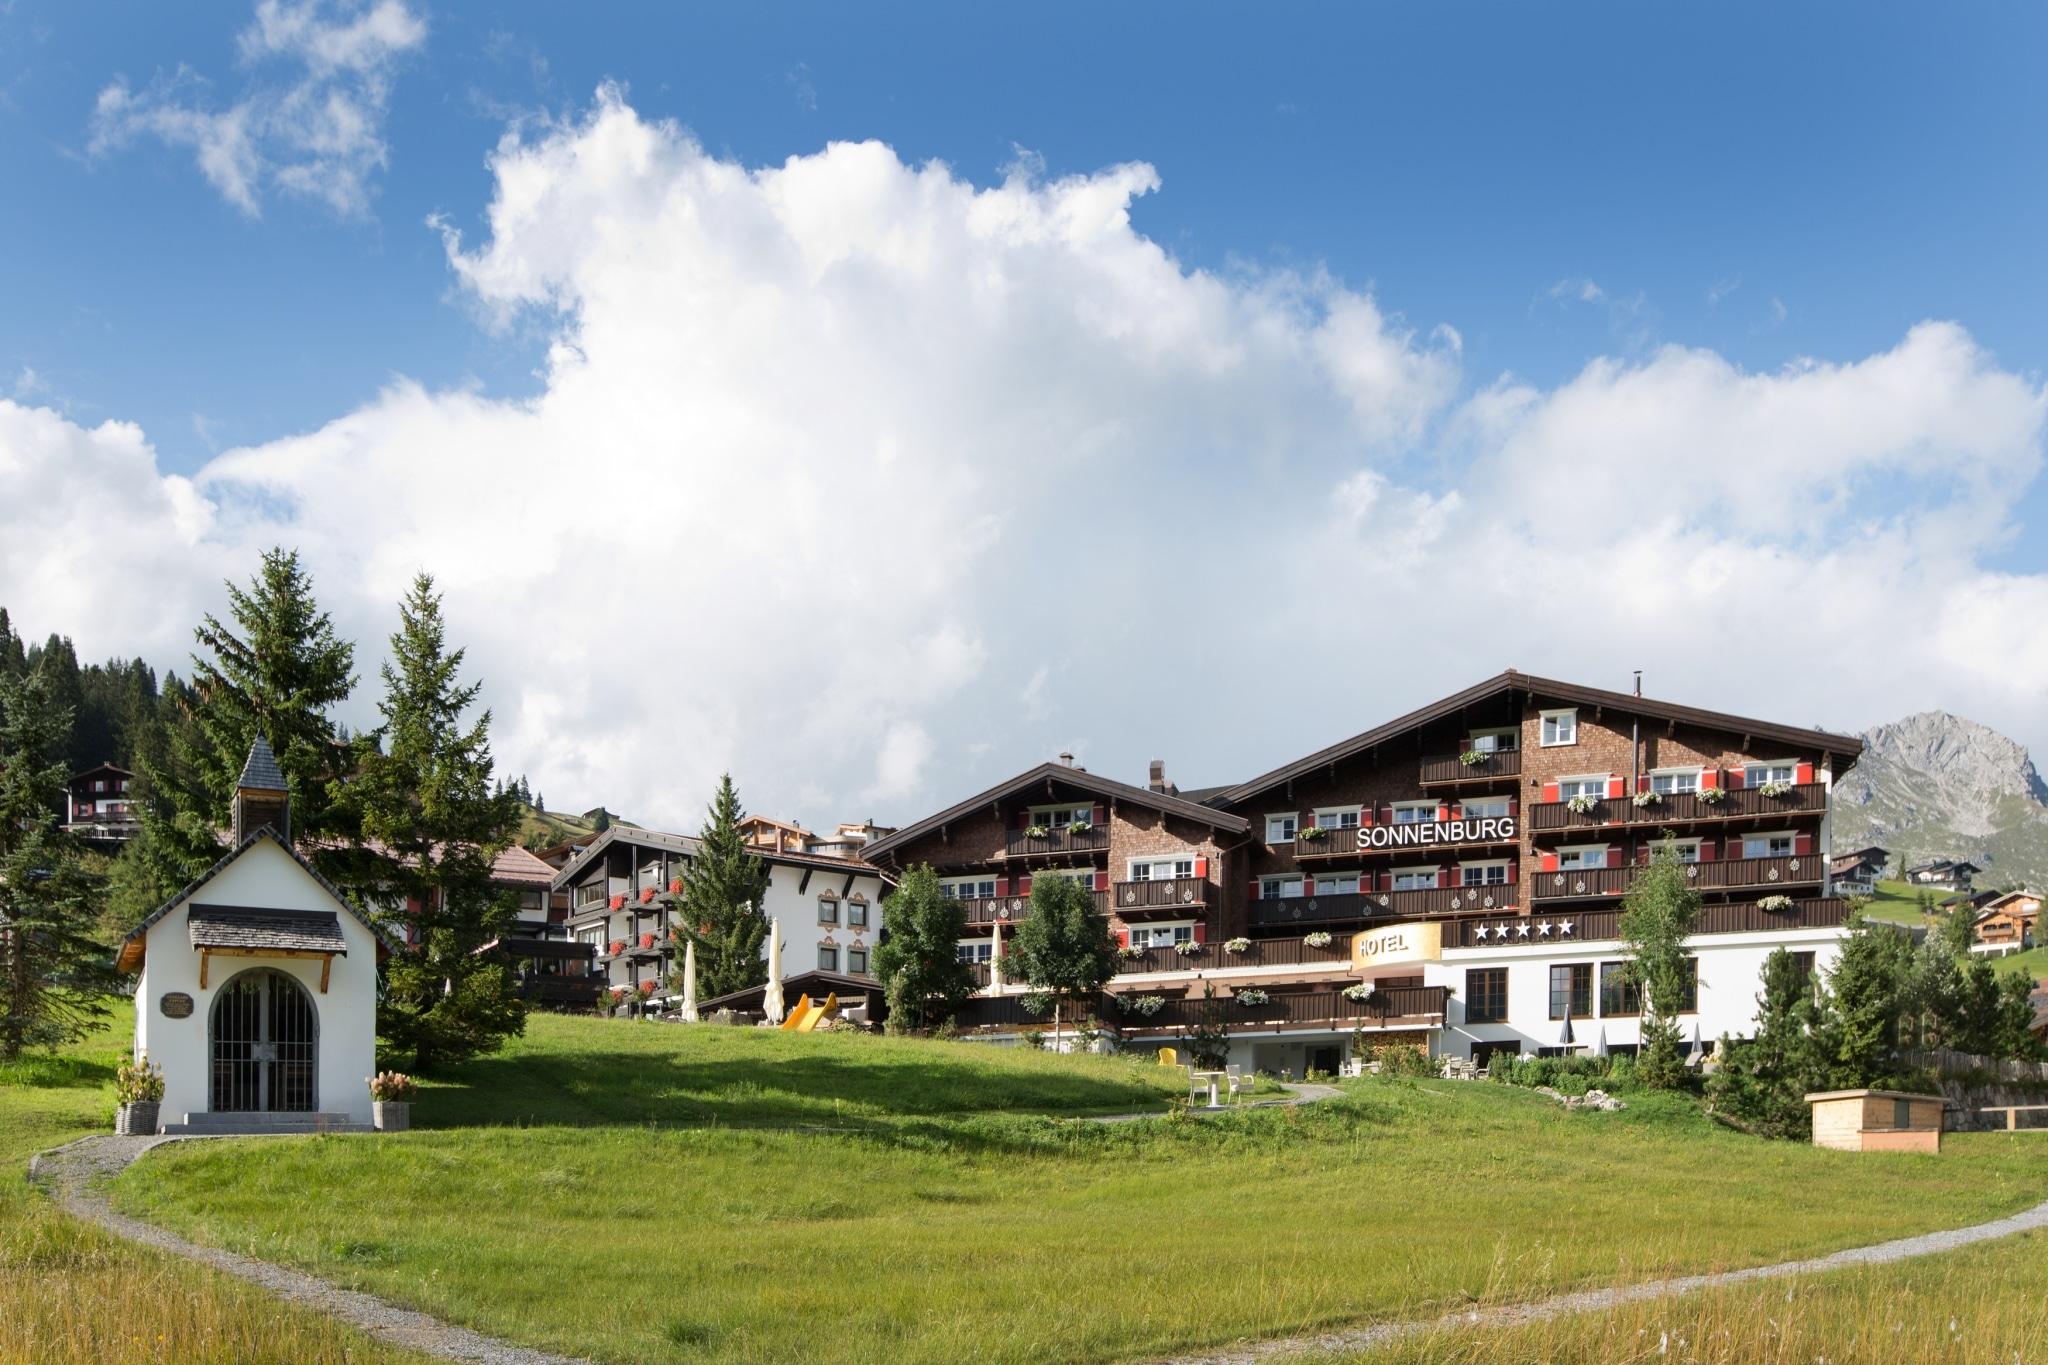 Die Sonnenburg in Oberlech am Arlberg ist das optimale Familienhotel zum Wandern in Österreich